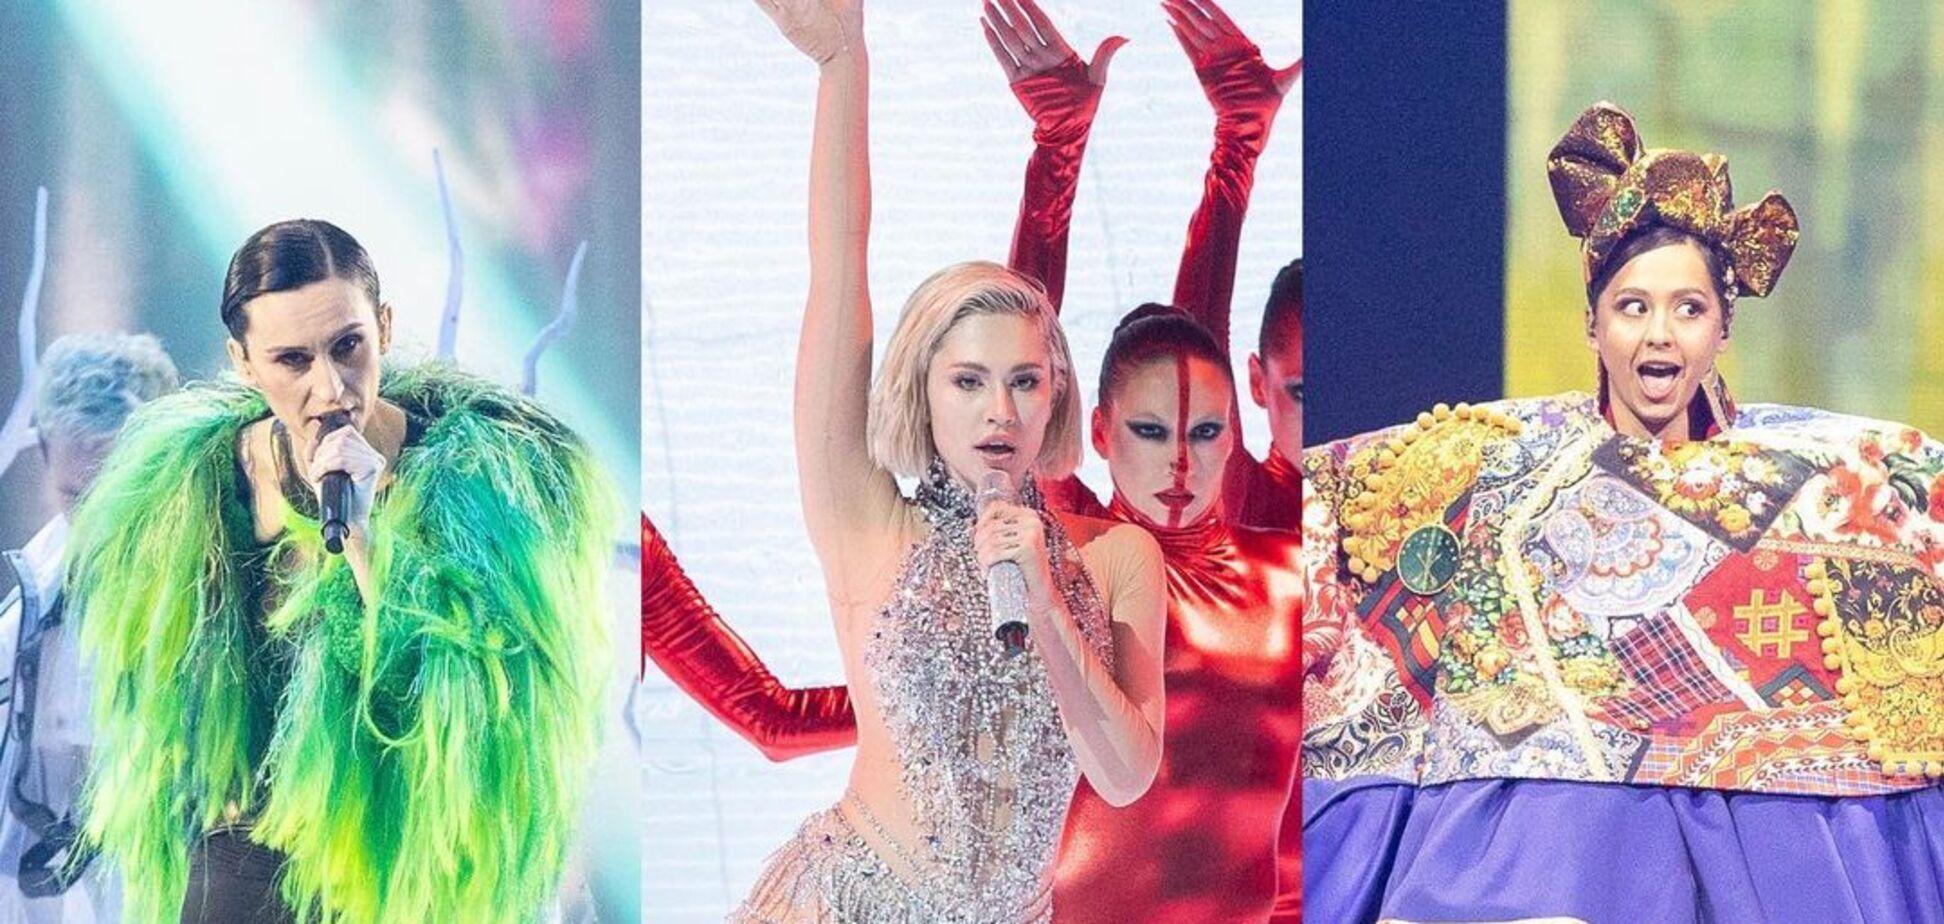 Названы топ-10 песен Евровидения 2021 по просмотрам на YouTube